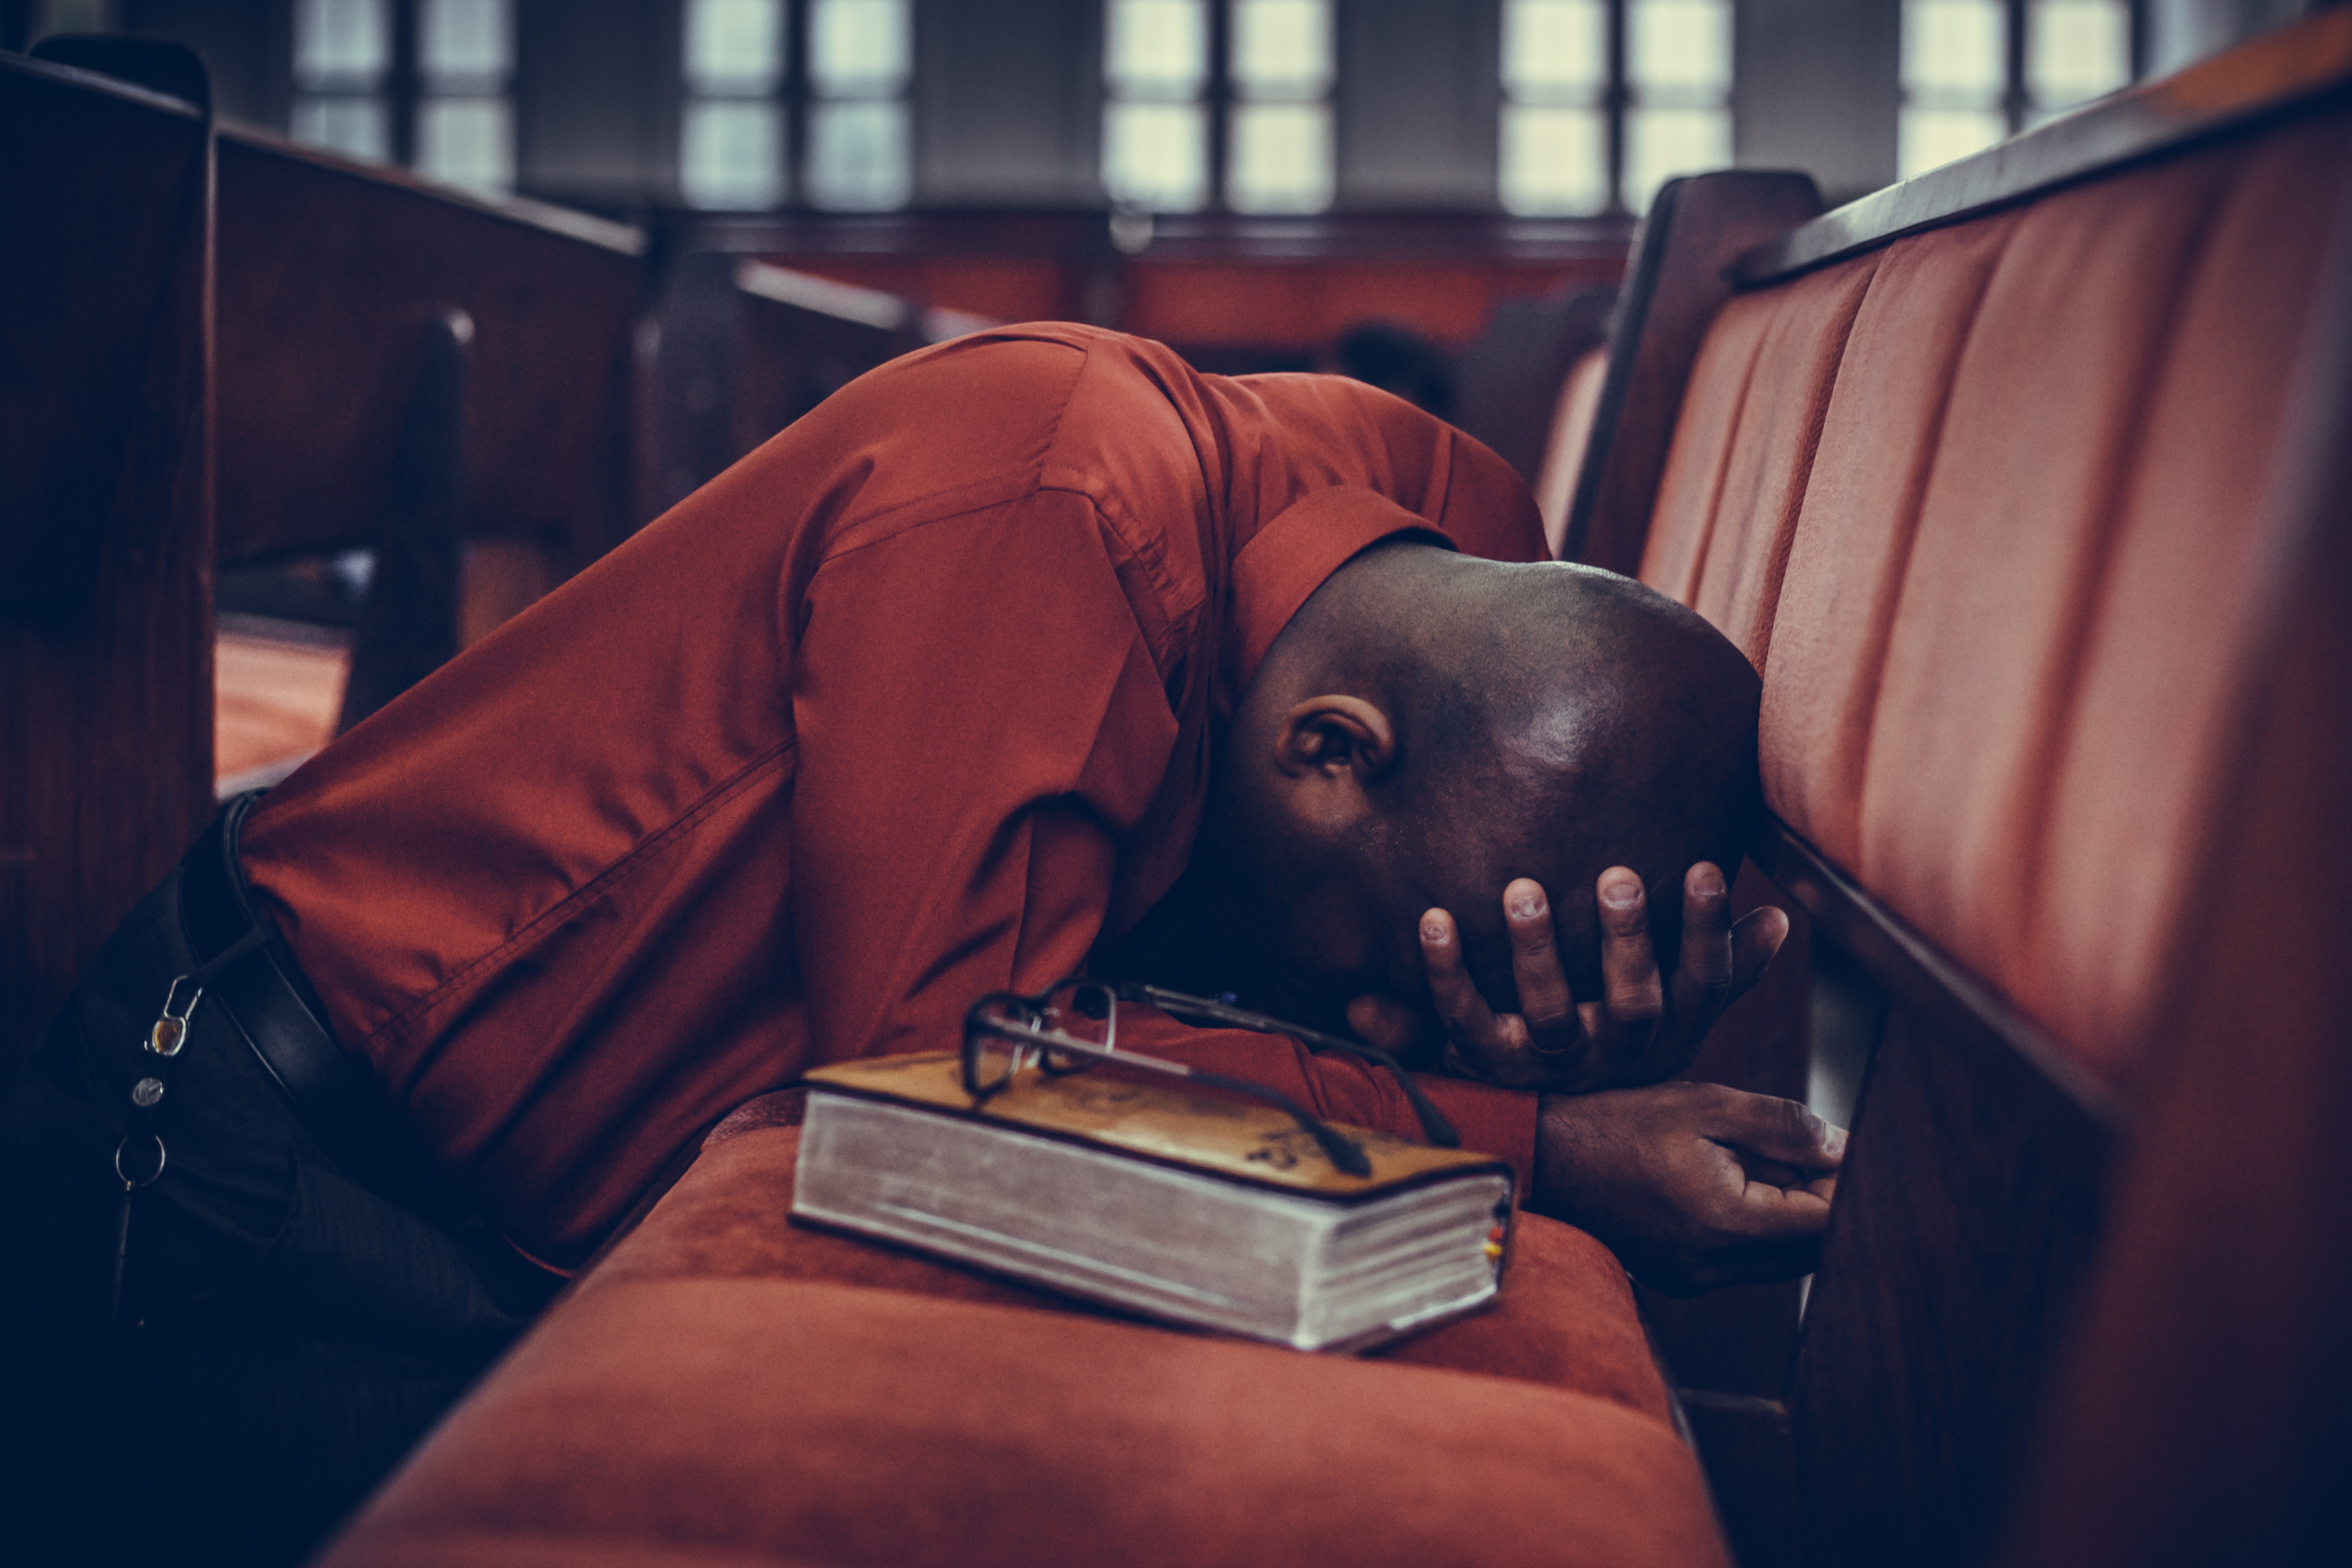 paulien vervoorn gebed bidden preken verkondiging heilige geest